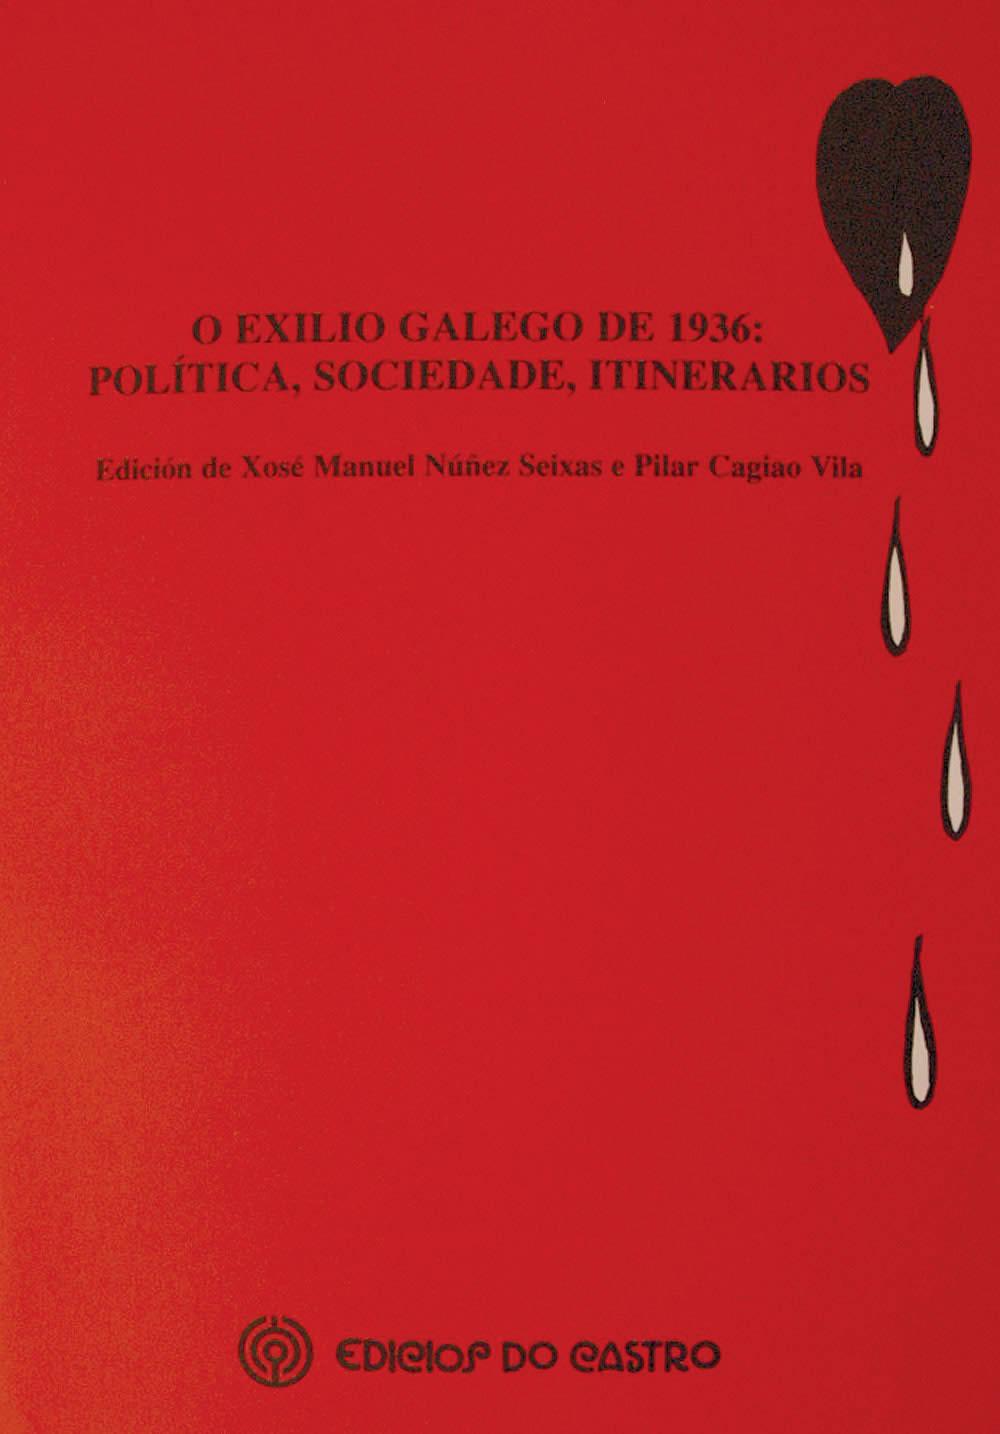 Portada de O exilio galego de 1936: política, sociedade, itinerarios